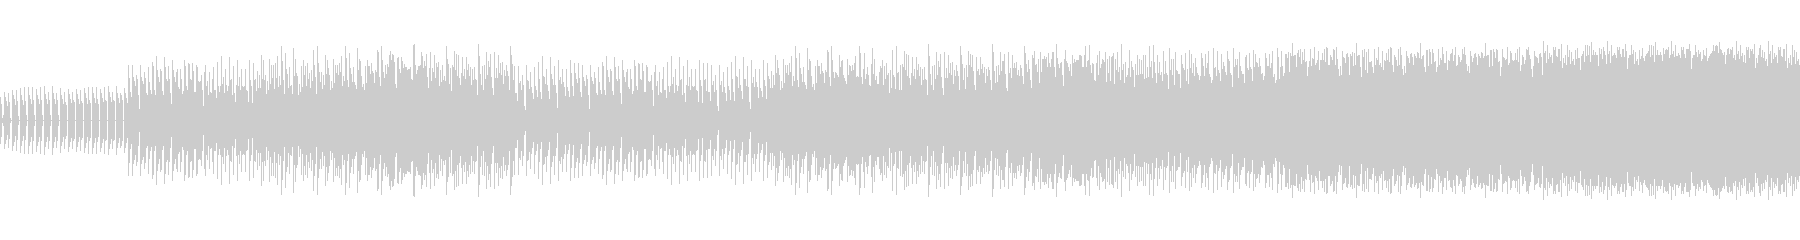 8ビットゲームサウンドBGM 04の未再生の波形